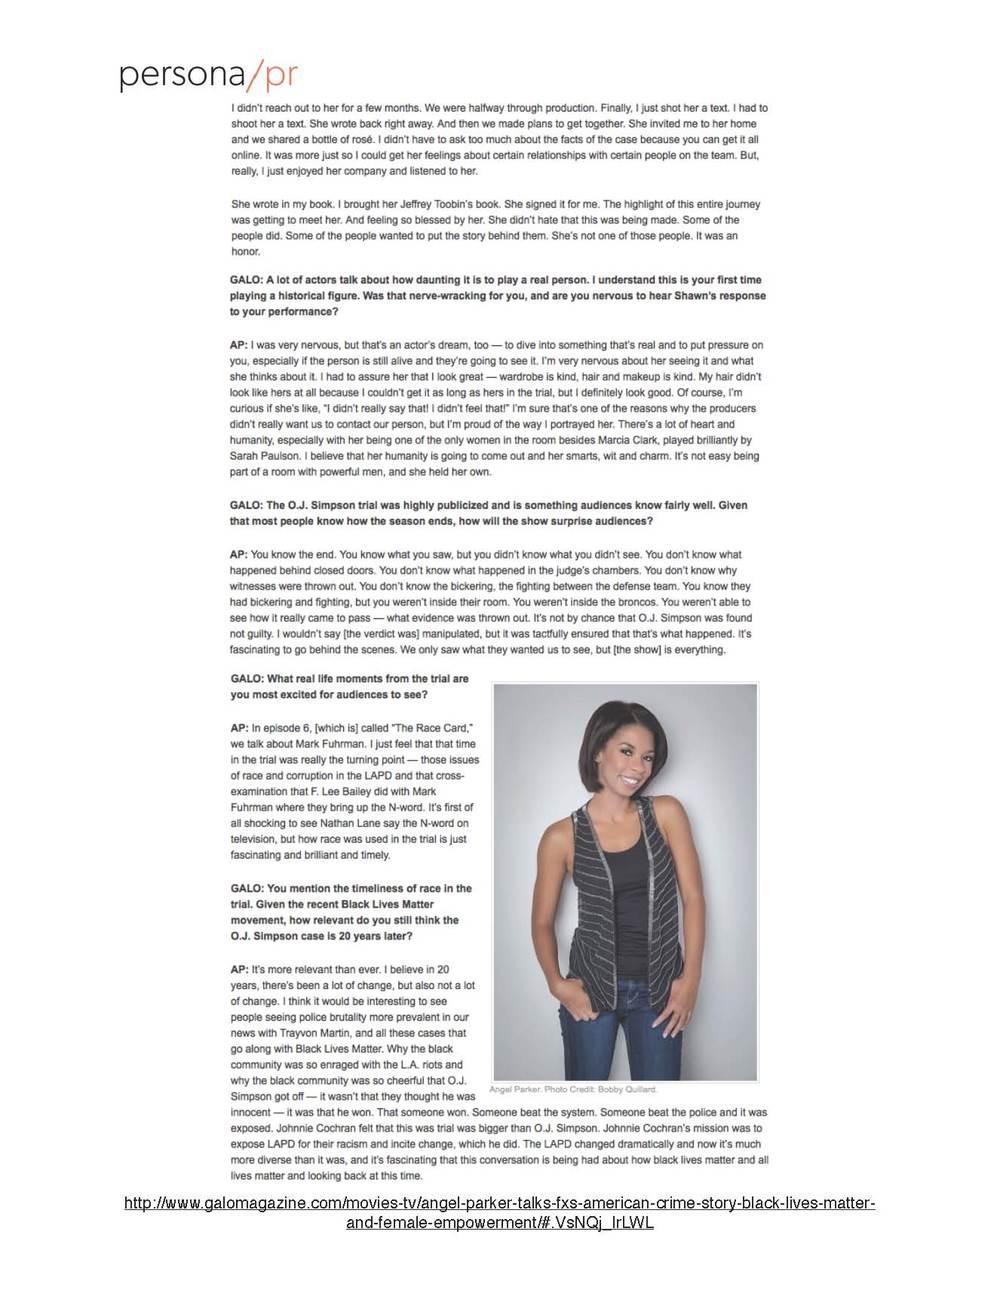 AngelParker-GaloMagazine-02.15.16_Page_3.jpg